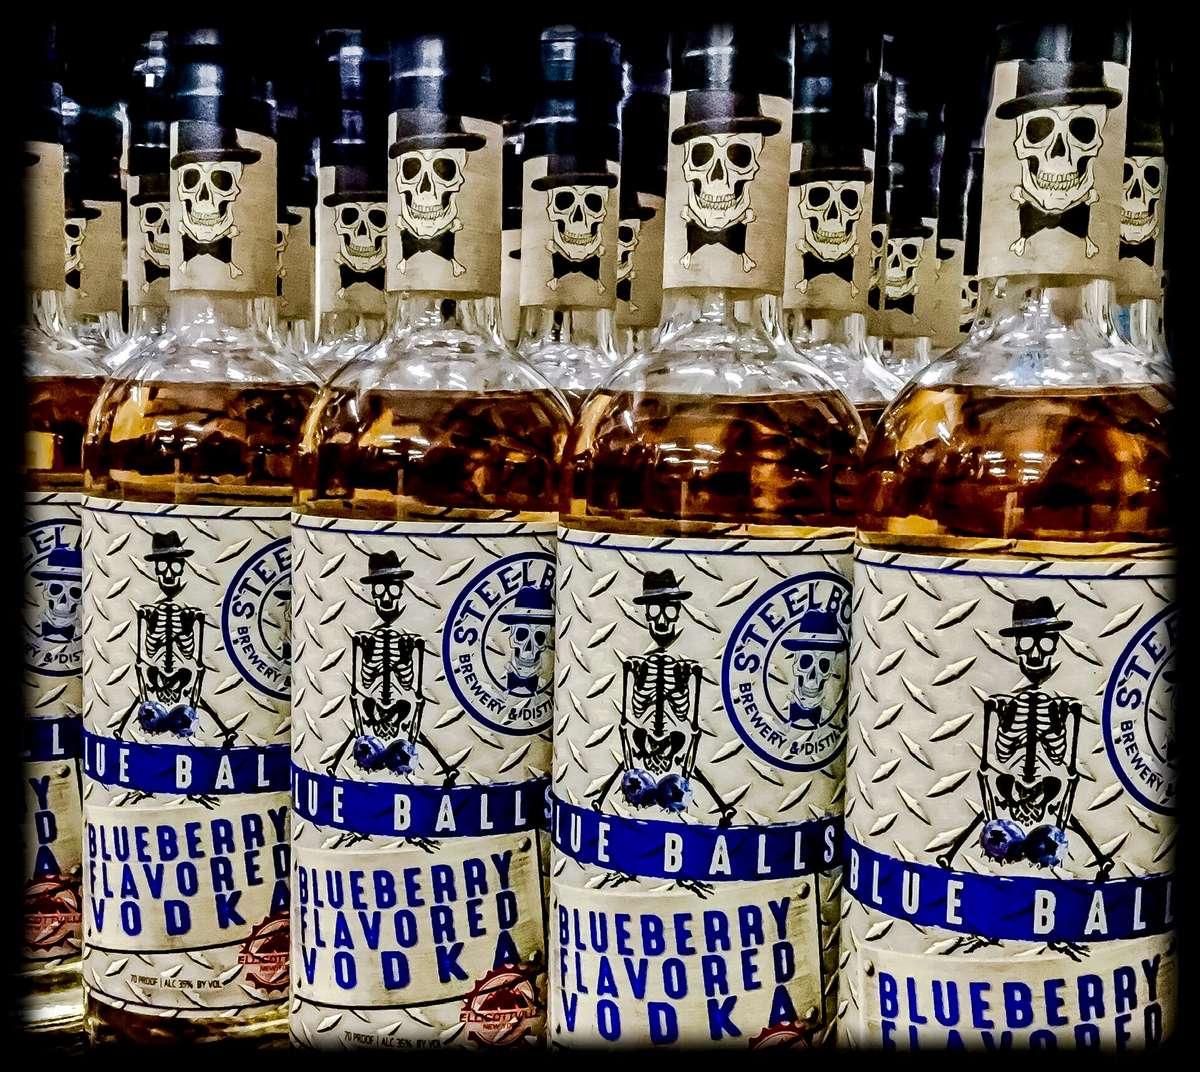 Steelbound Blue Balls Blueberry Vodka